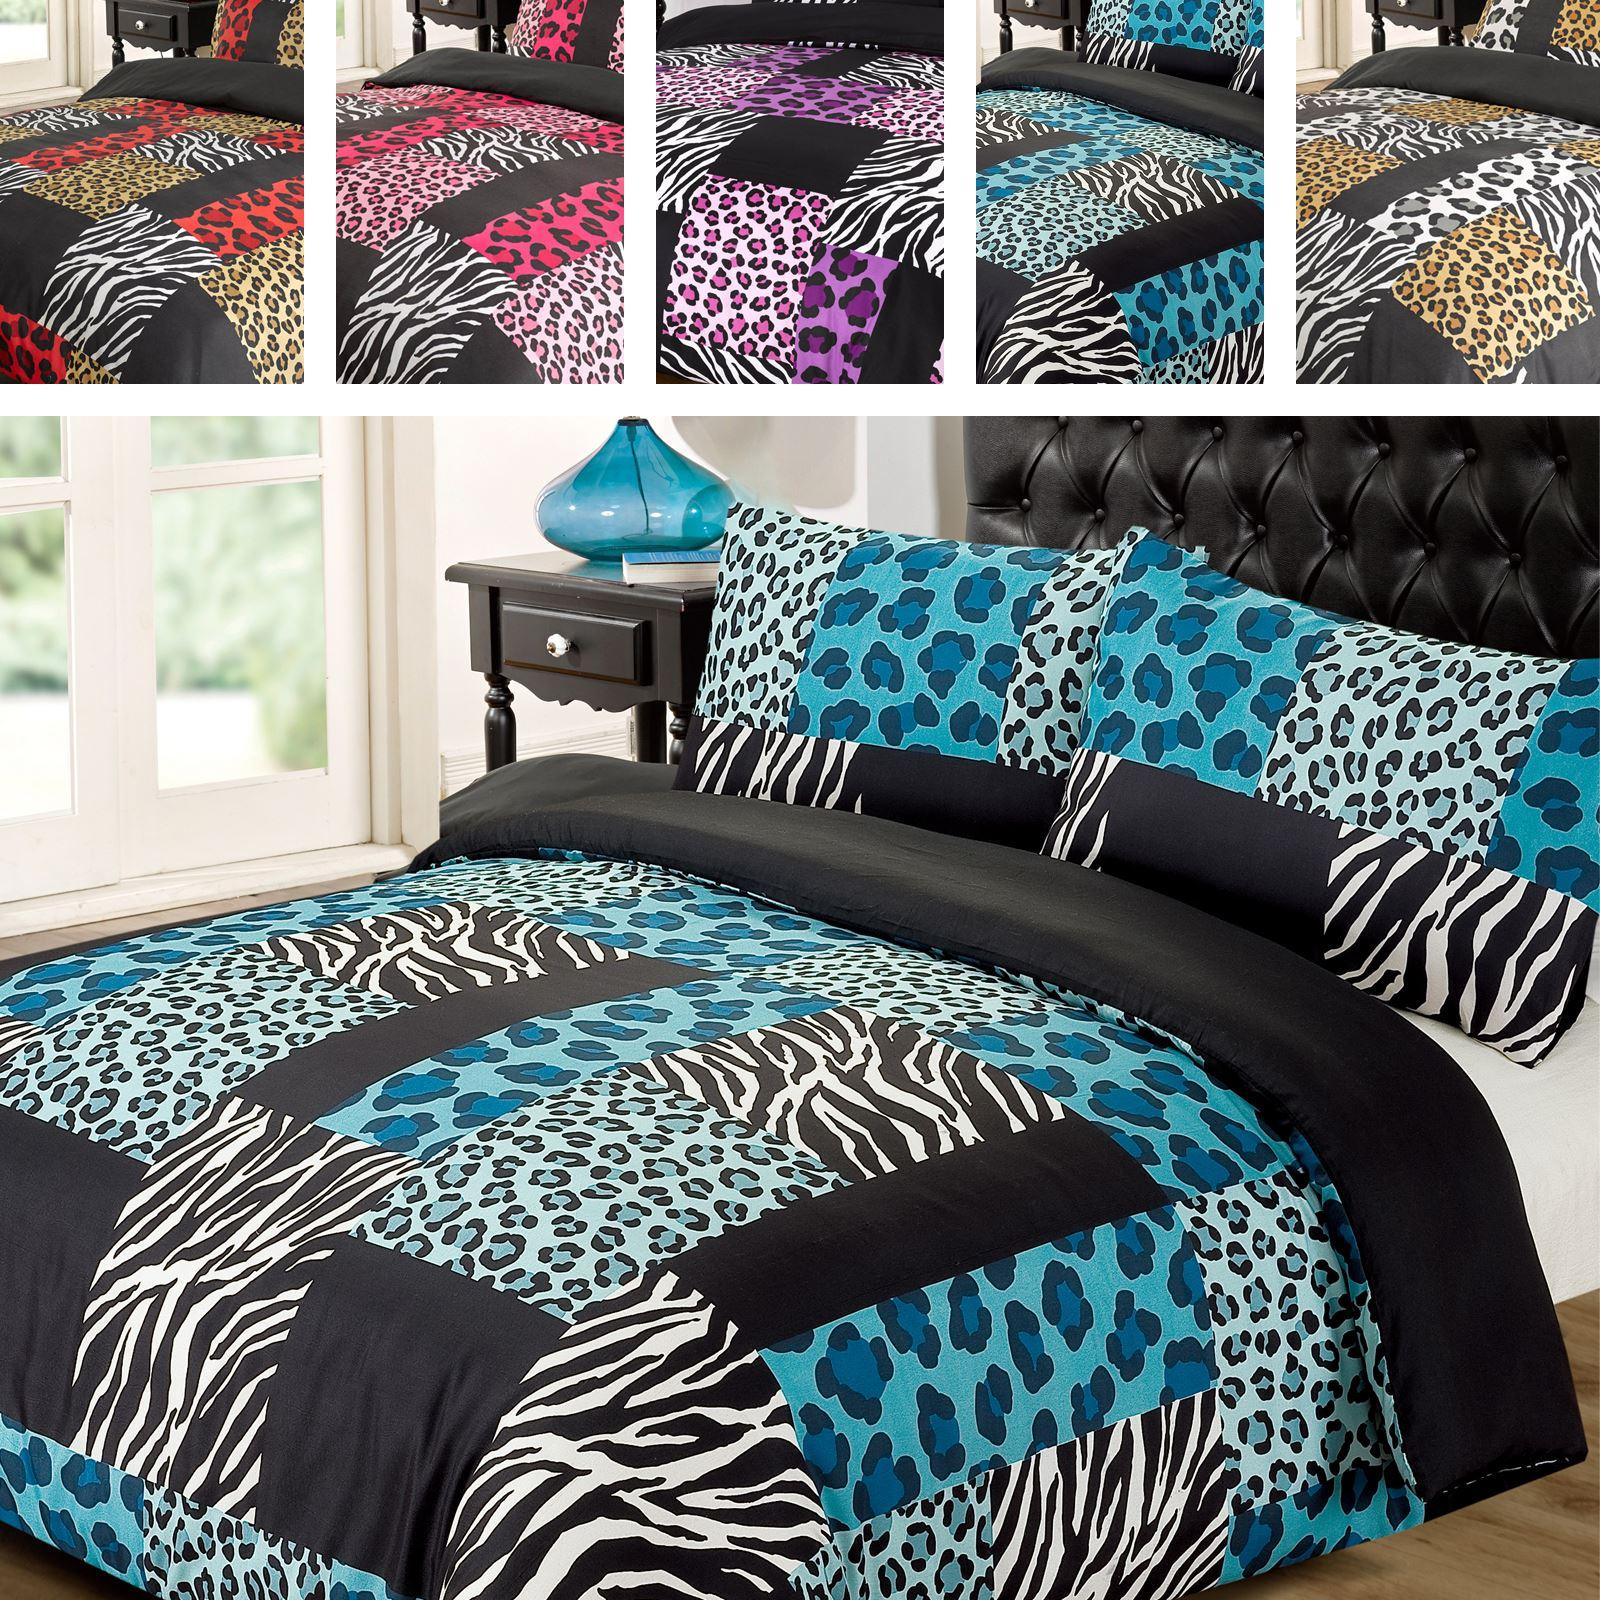 Kruger Leopard Zebra Animal Print Black White Duvet Quilt Cover